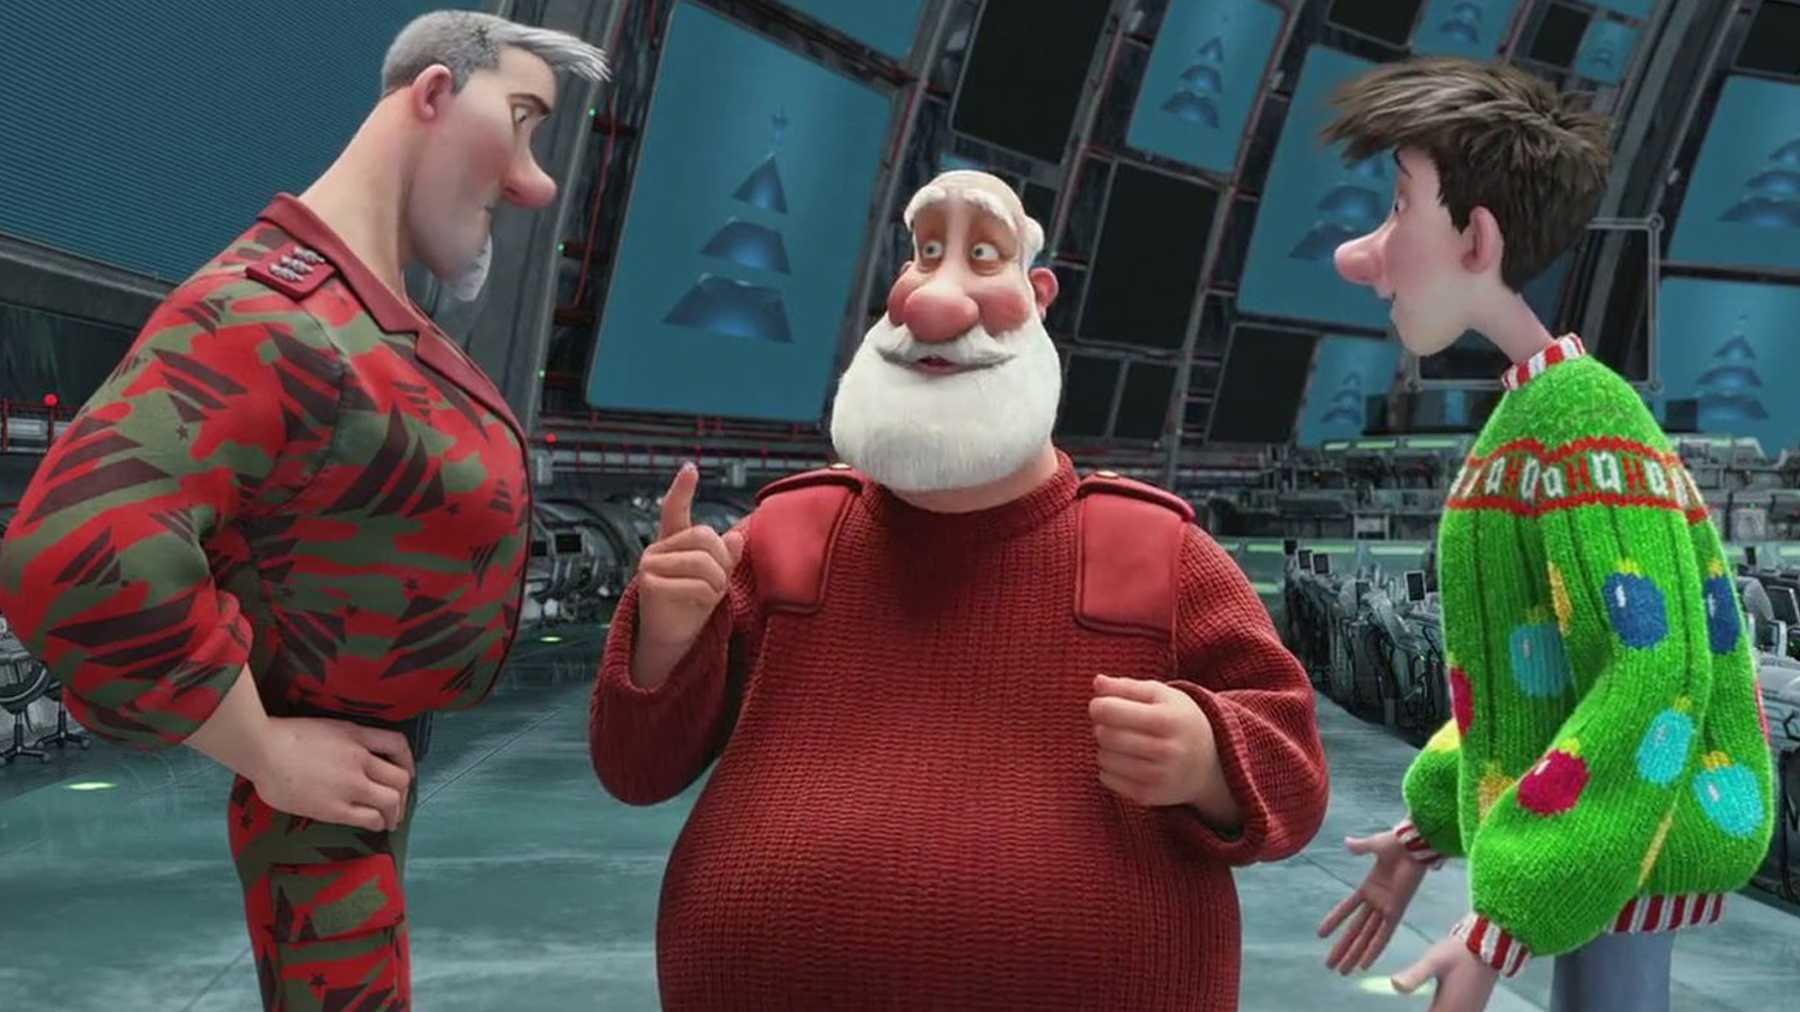 7 películas navideñas como 'Klaus' que debes ver 7